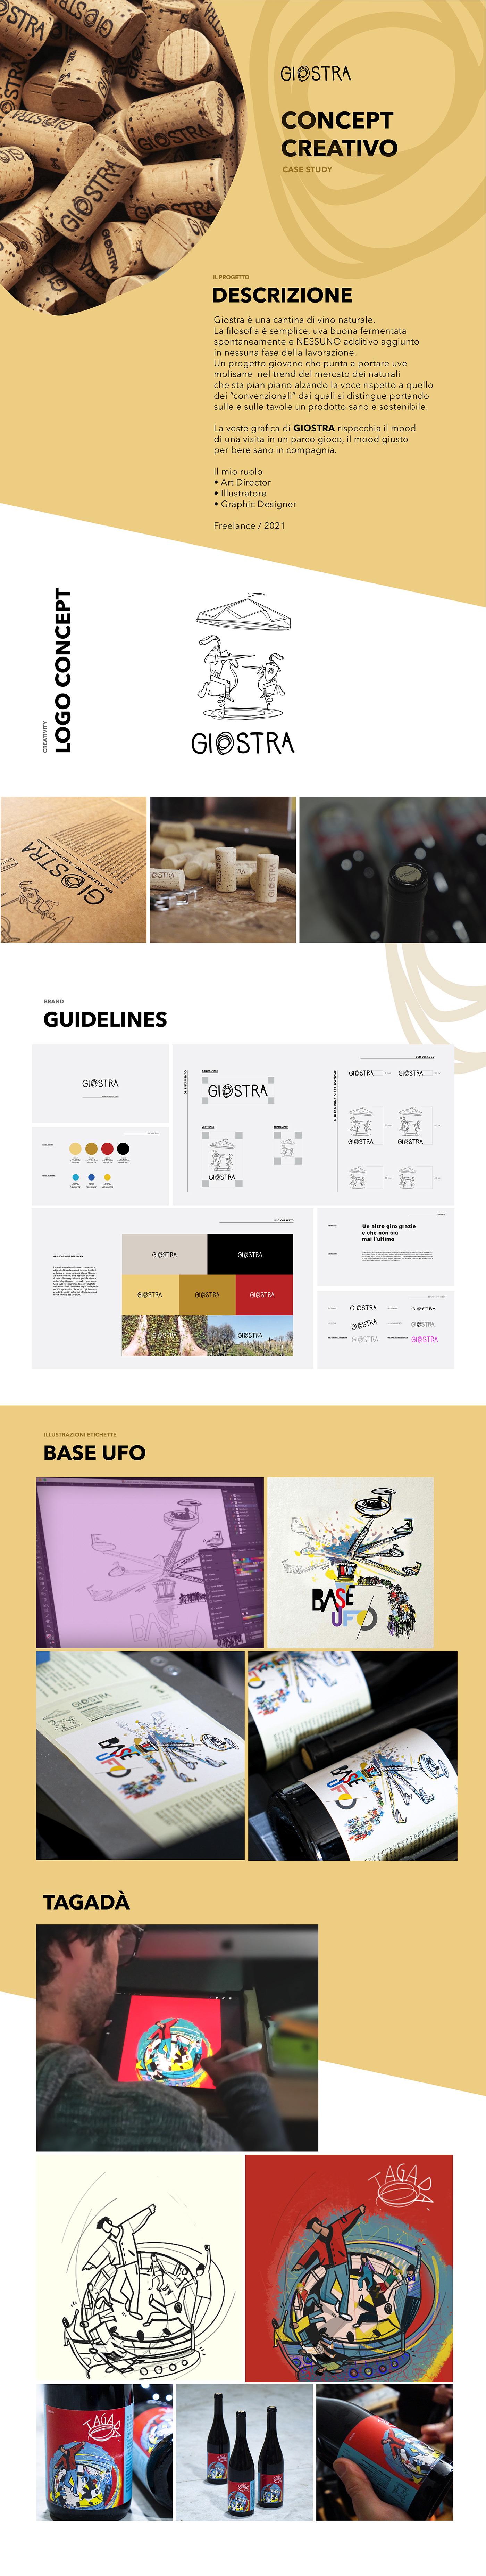 art direction  concept creative concept etichette vino giostra illustrazioni Label label design vini naturali